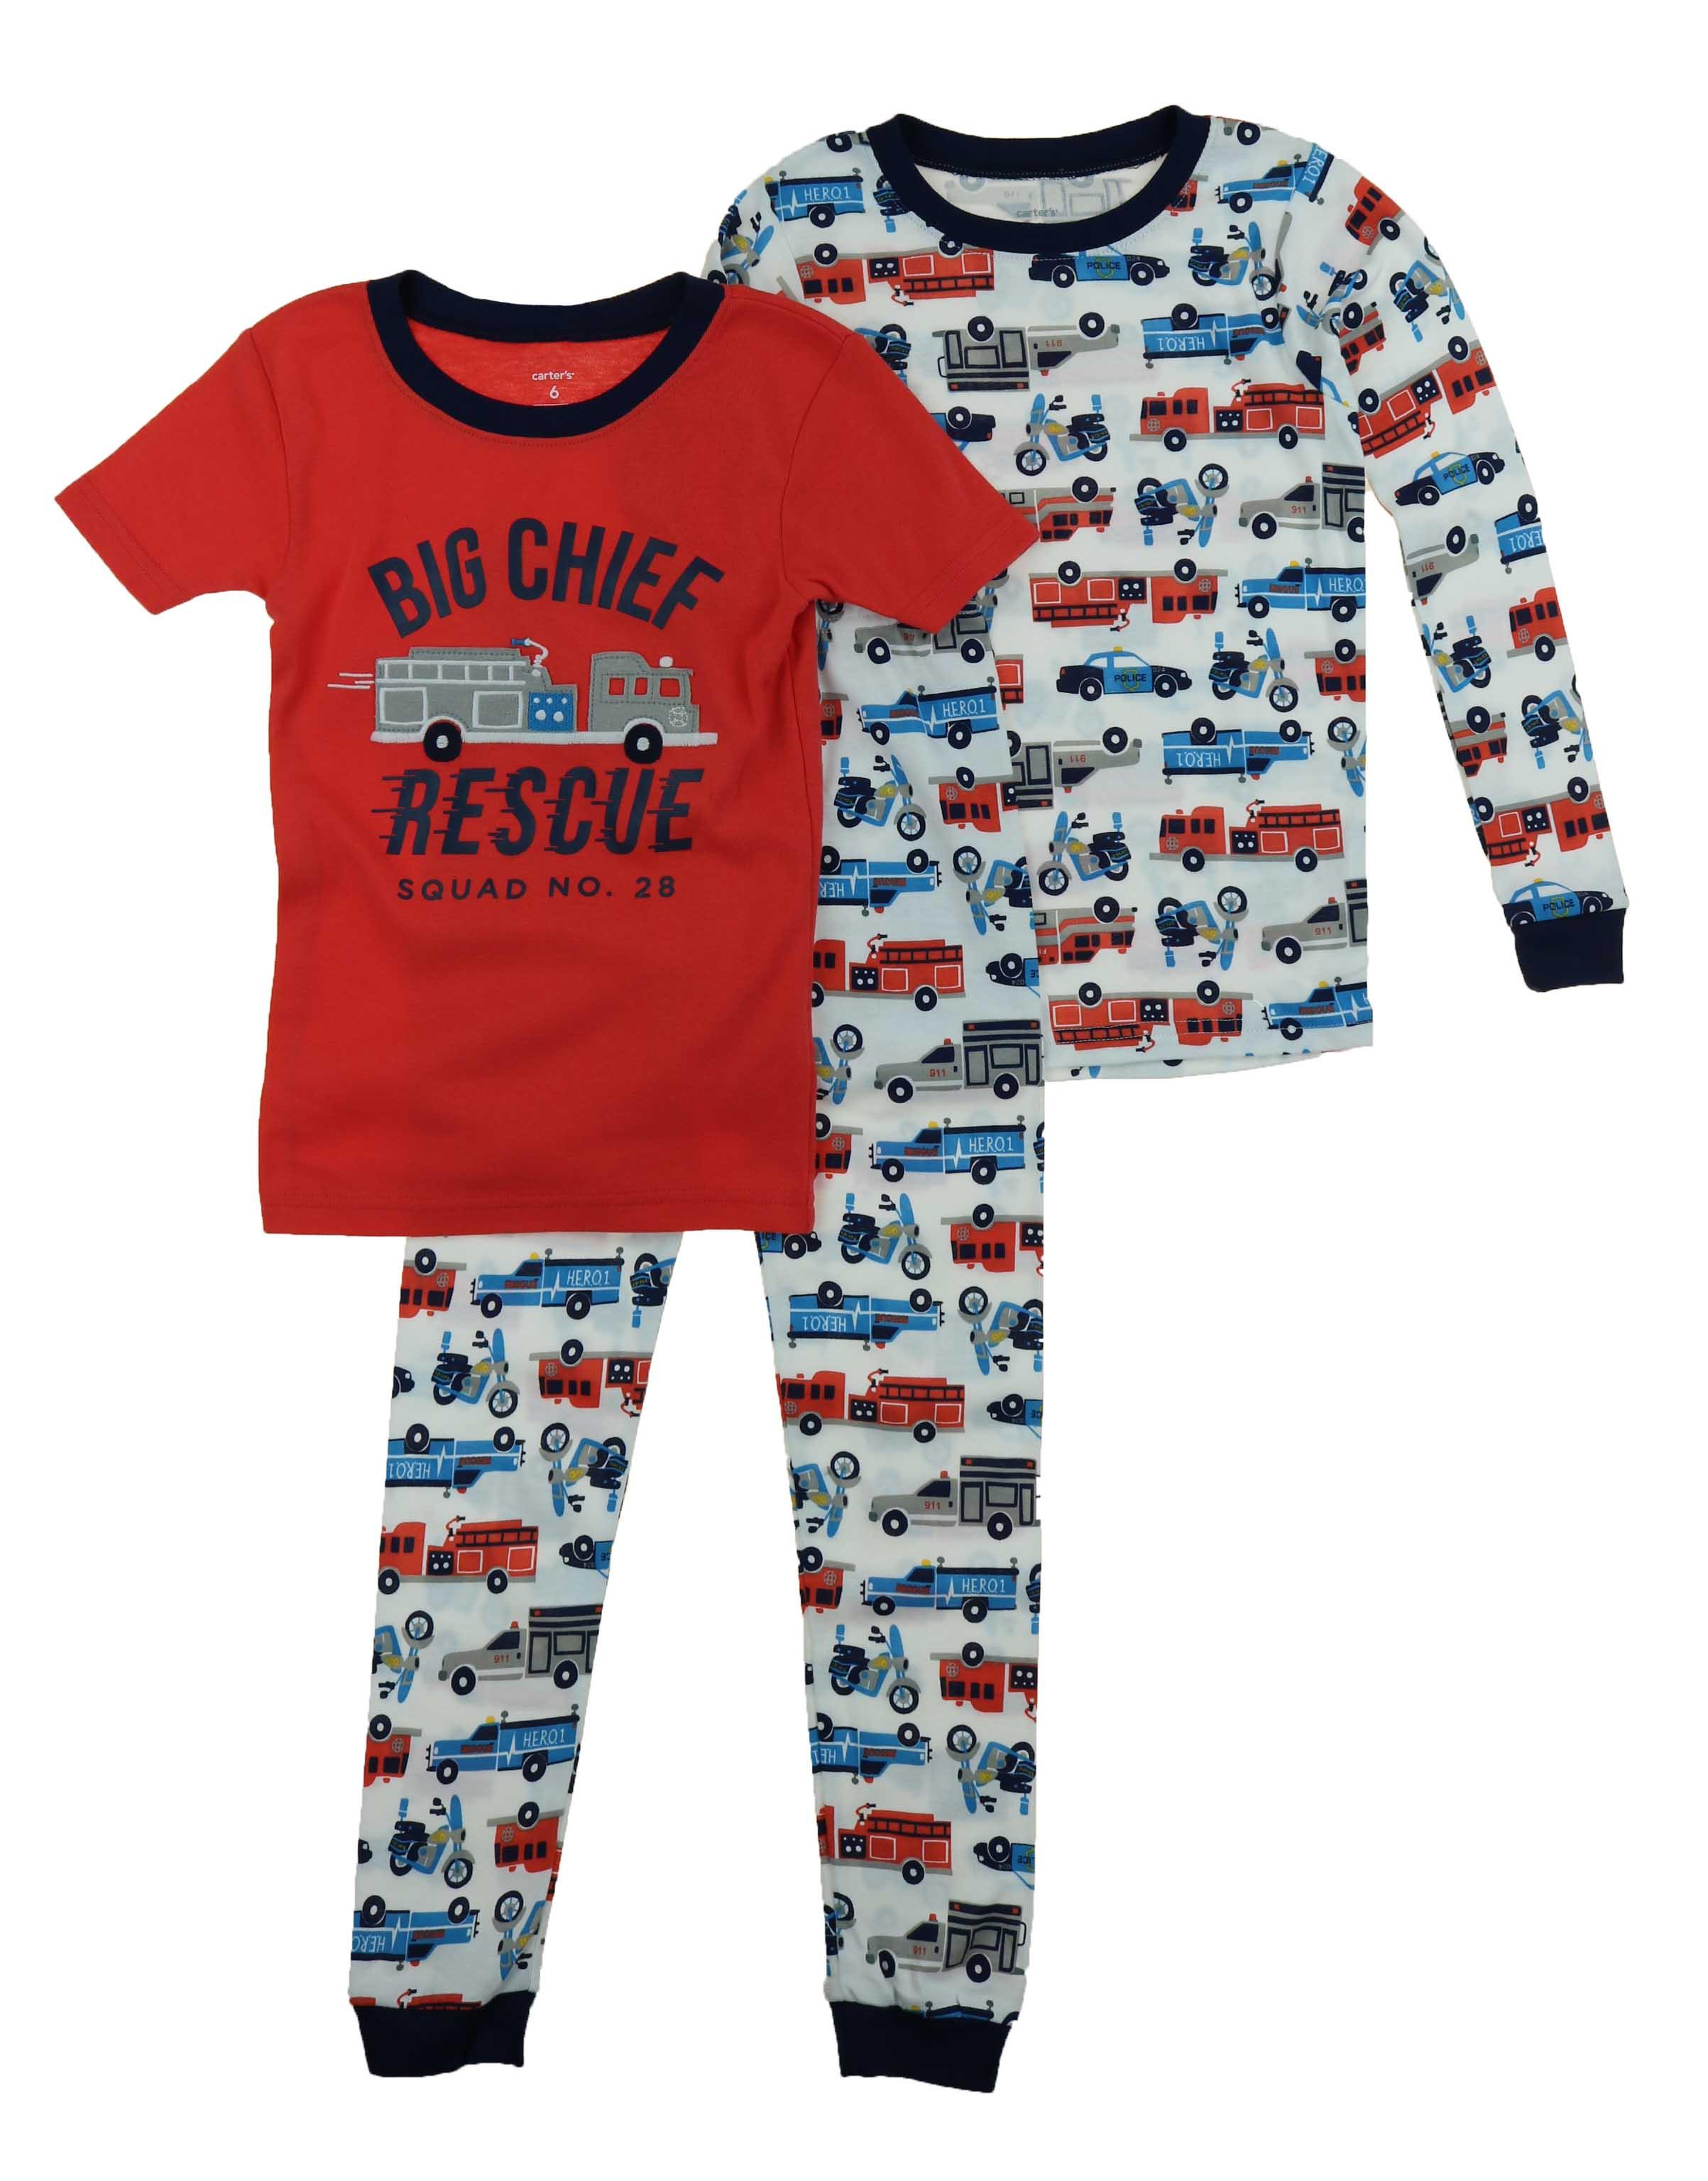 d9b2d2fa7 Carters Little Boys 3 Piece Jersey Cotton Pajama Sleepwear Set